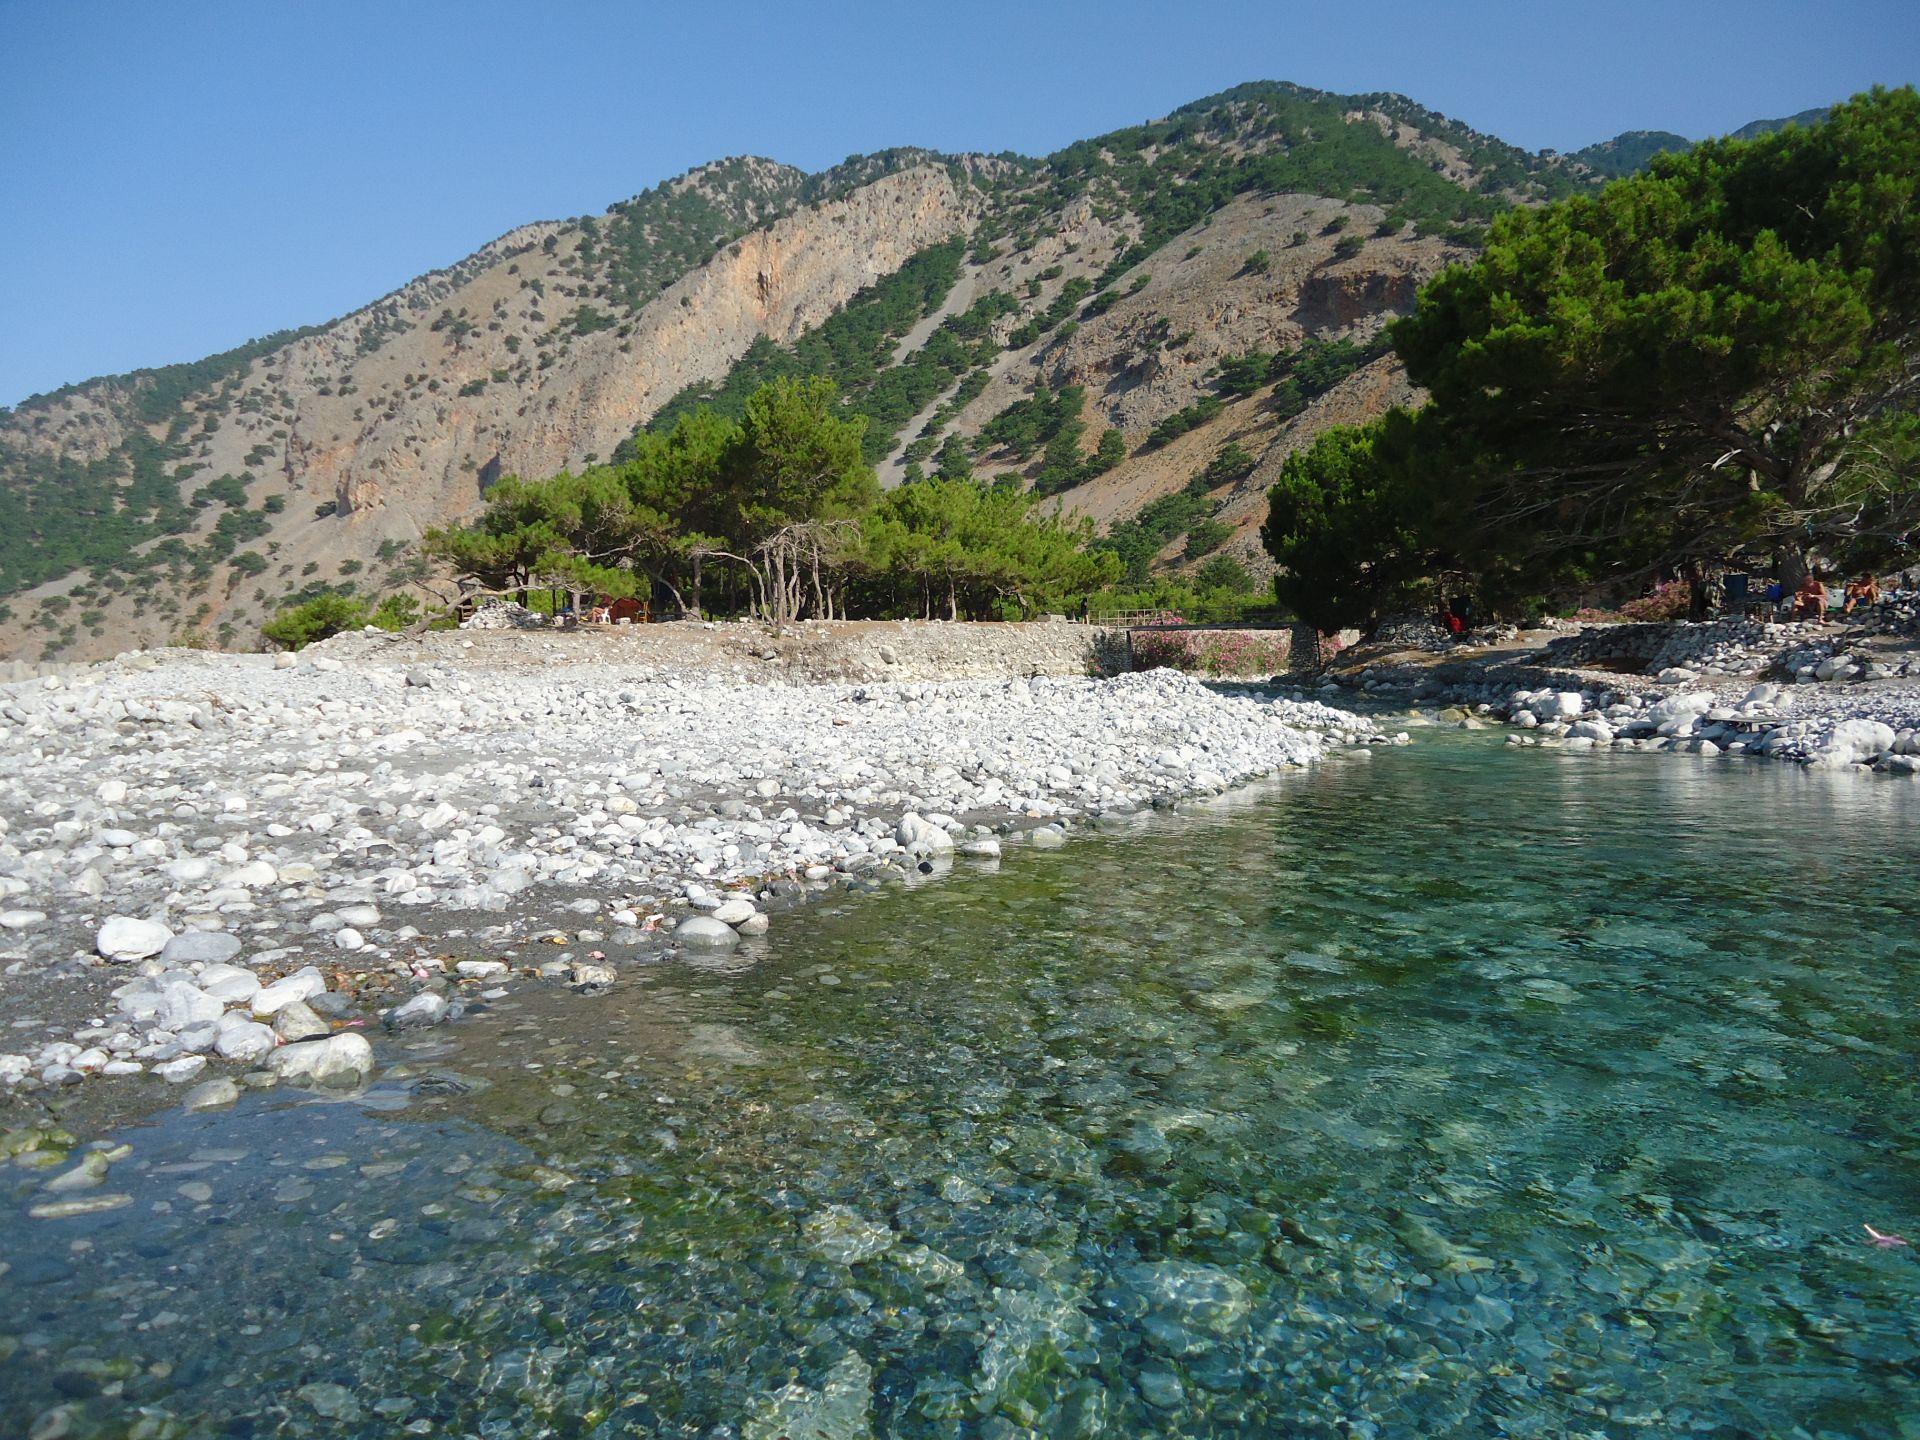 Evenos_Travel_Voidodema_Omalos_Samaria_2_day_hiking_trip_Agia_Roumeli